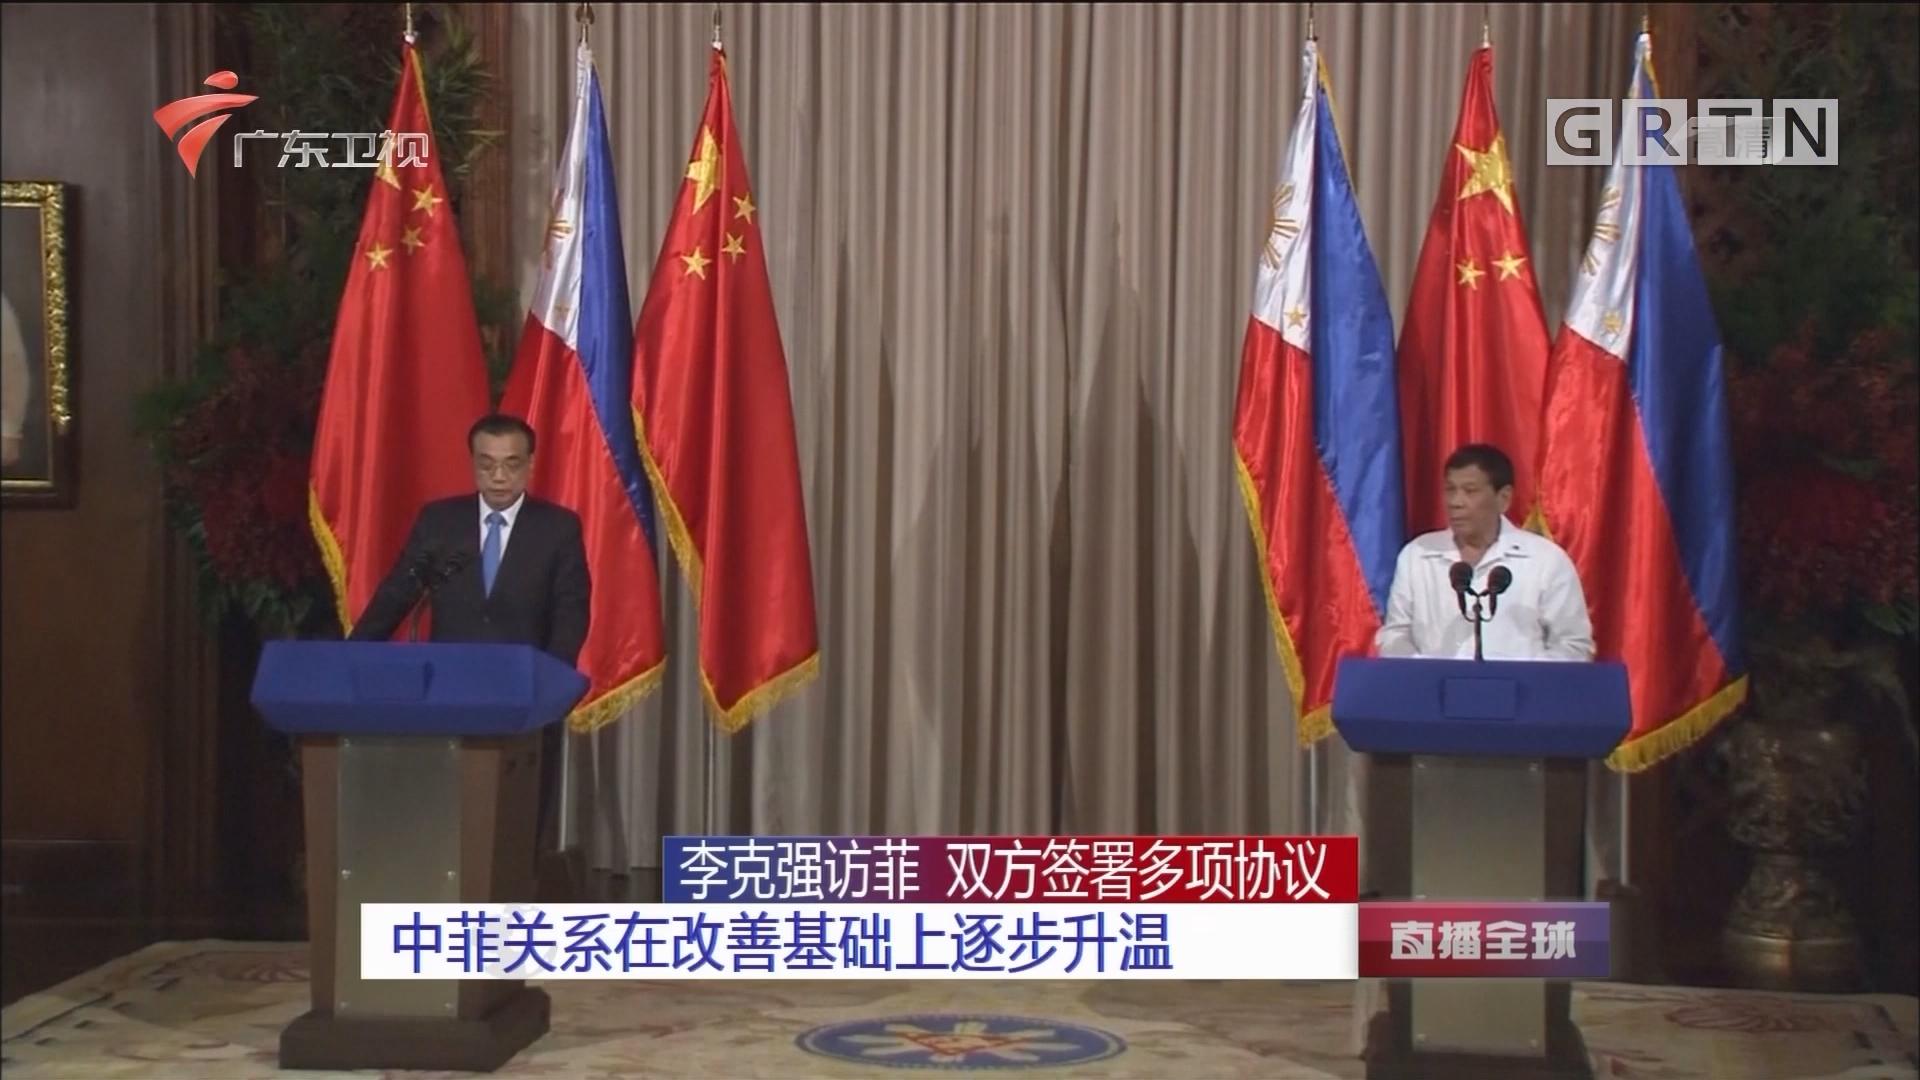 李克强访菲 双方签署多项协议:中菲关系在改善基础上逐步升温